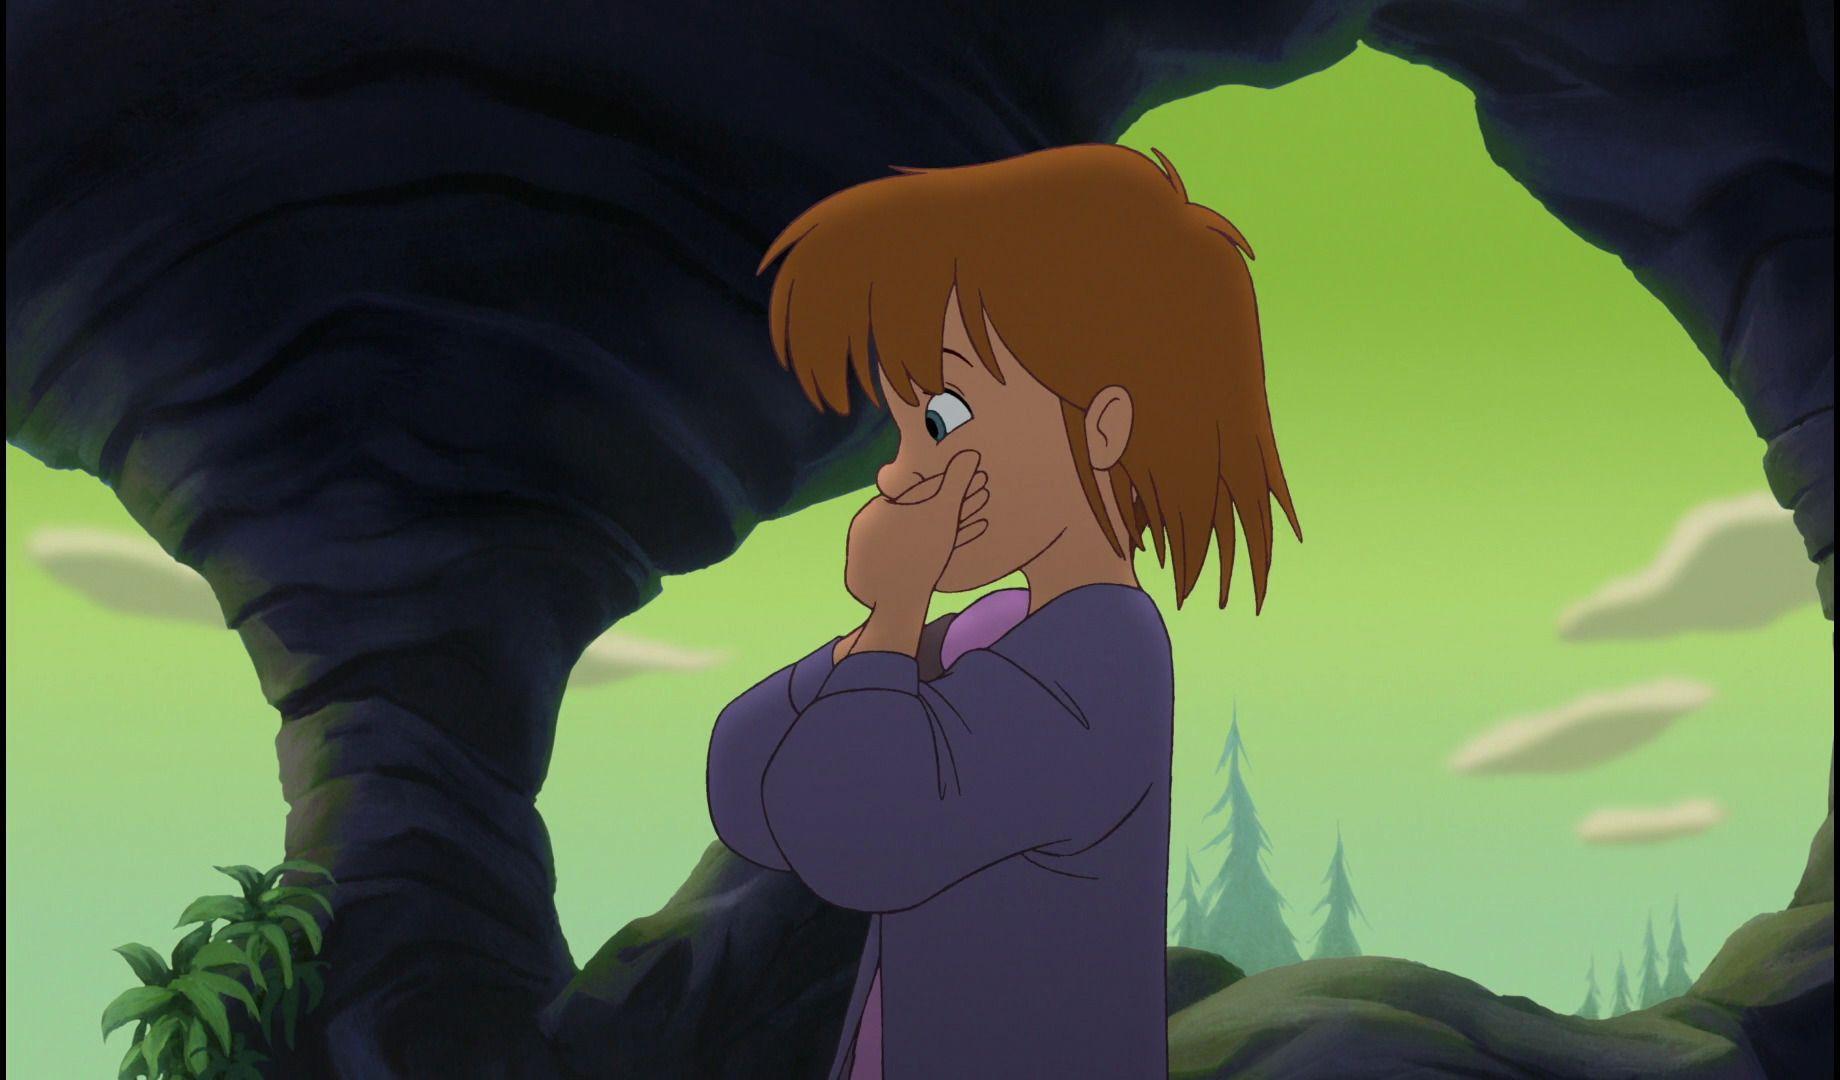 Jane Peter Pan Peter Pan Disney Pixar Characters Disney And